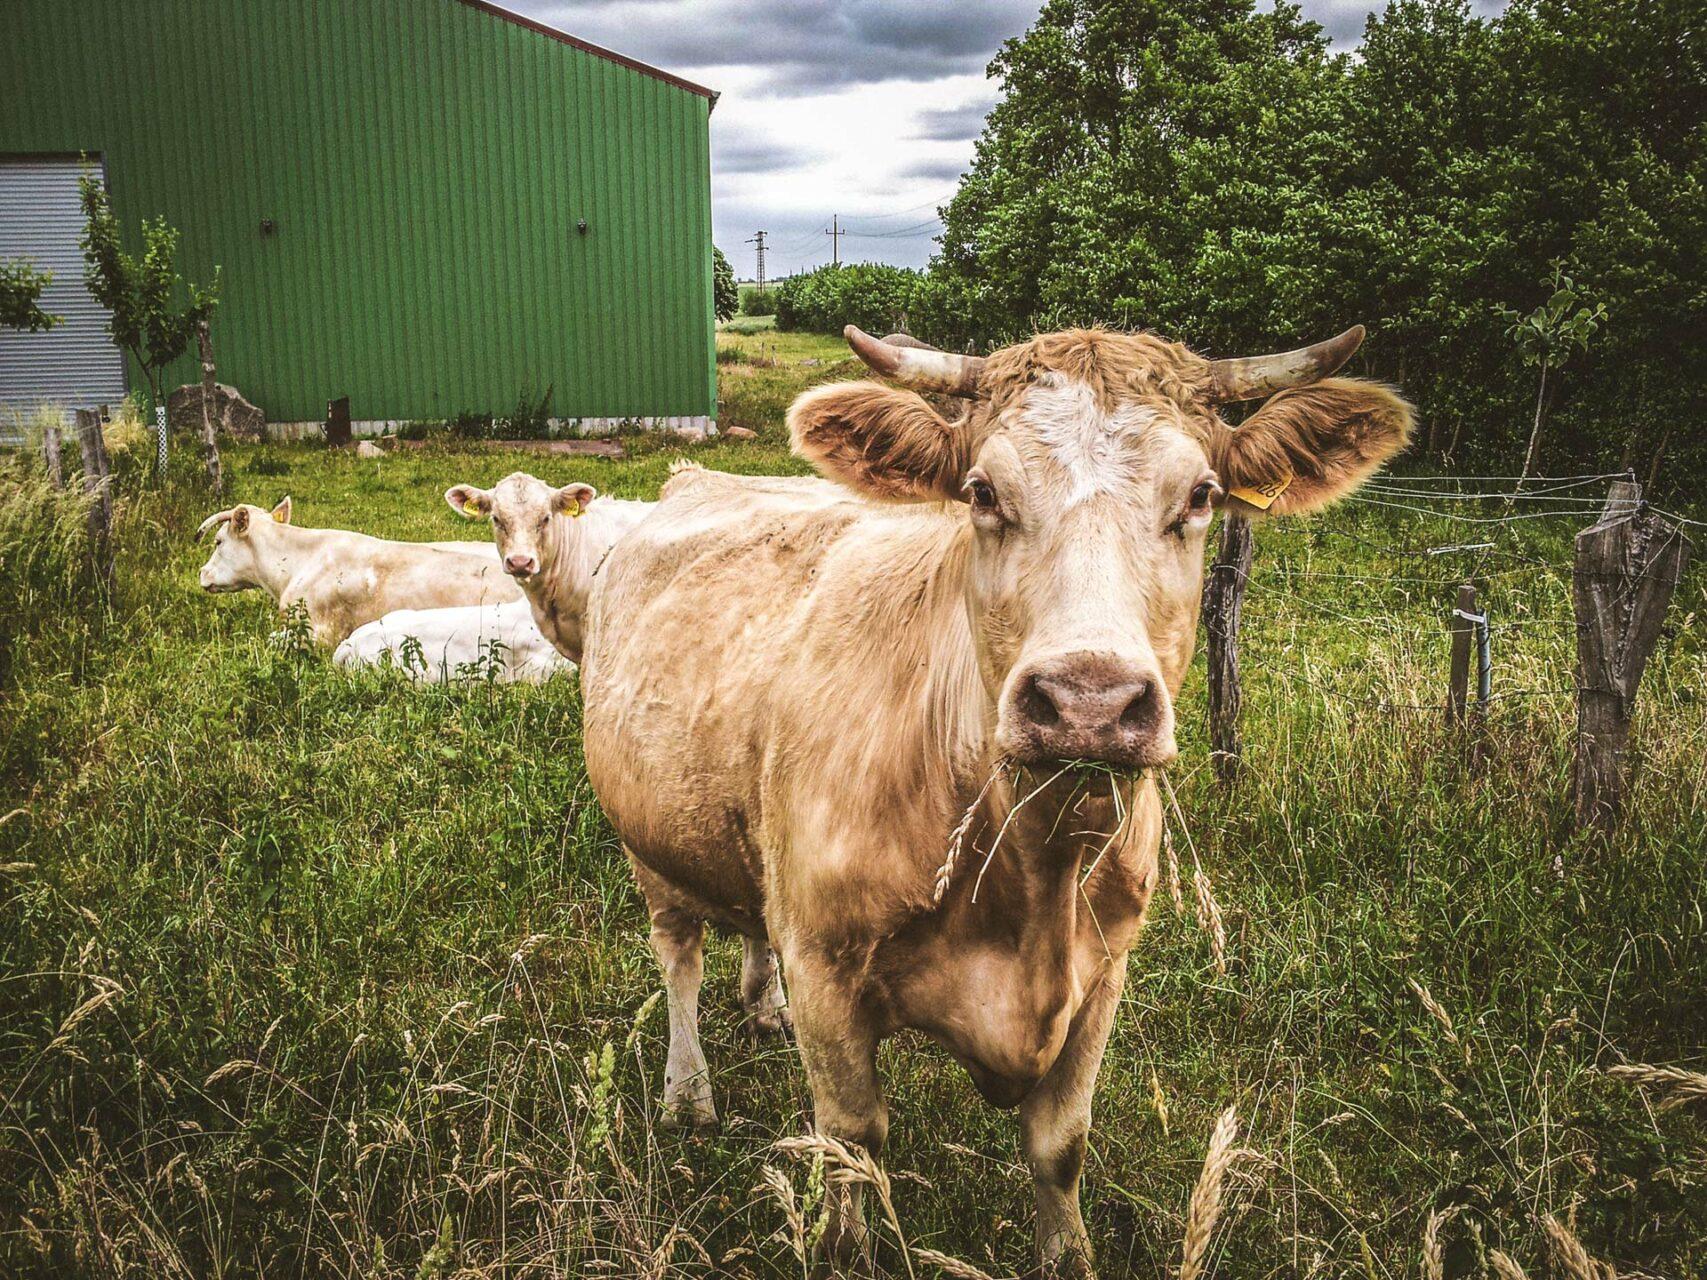 Nein, nicht immer nur Kirchen und Landschaften, auch das liebe Vieh wird in gebührendem Abstand wahrgenommen.